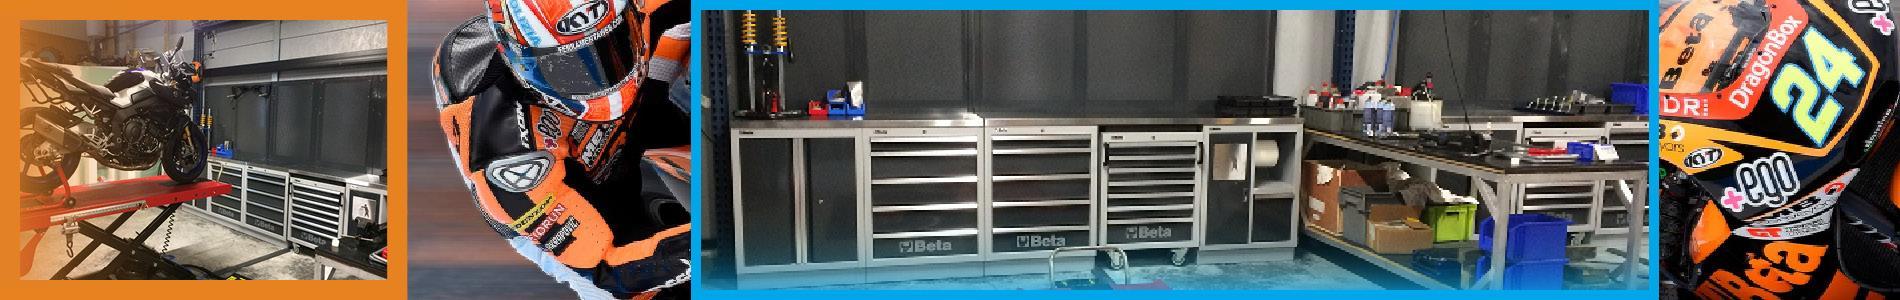 mobilier-datelier-pro-beta-c45-meuble-de-qualite-a-petit-prix_1